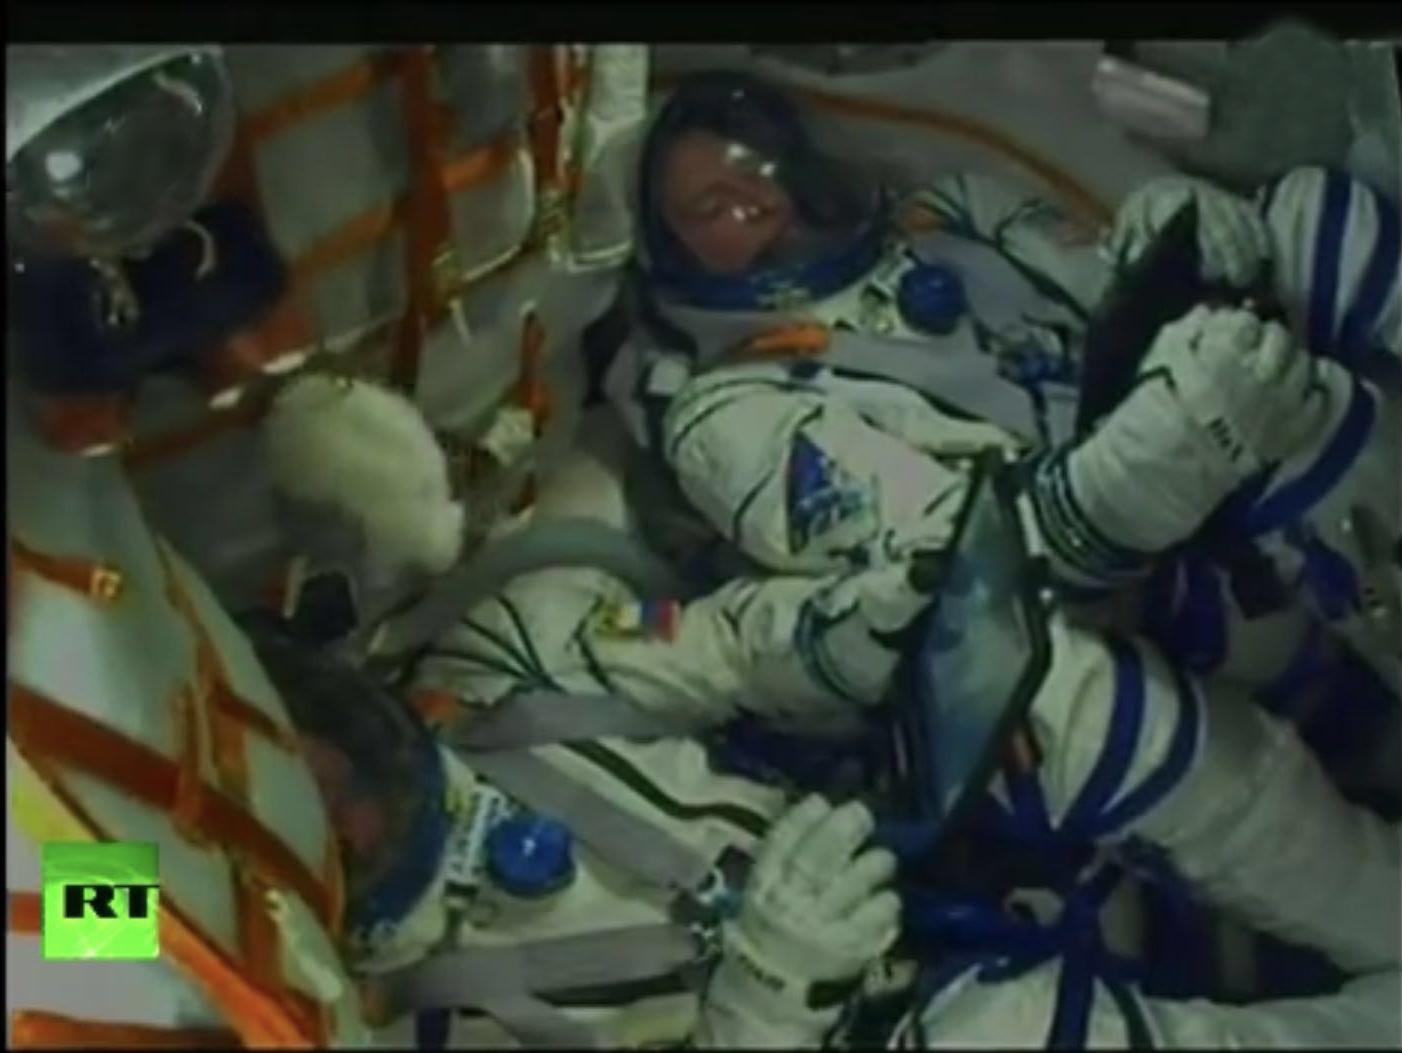 俄载人飞船发射出现事故 两名宇航员紧急安全着陆